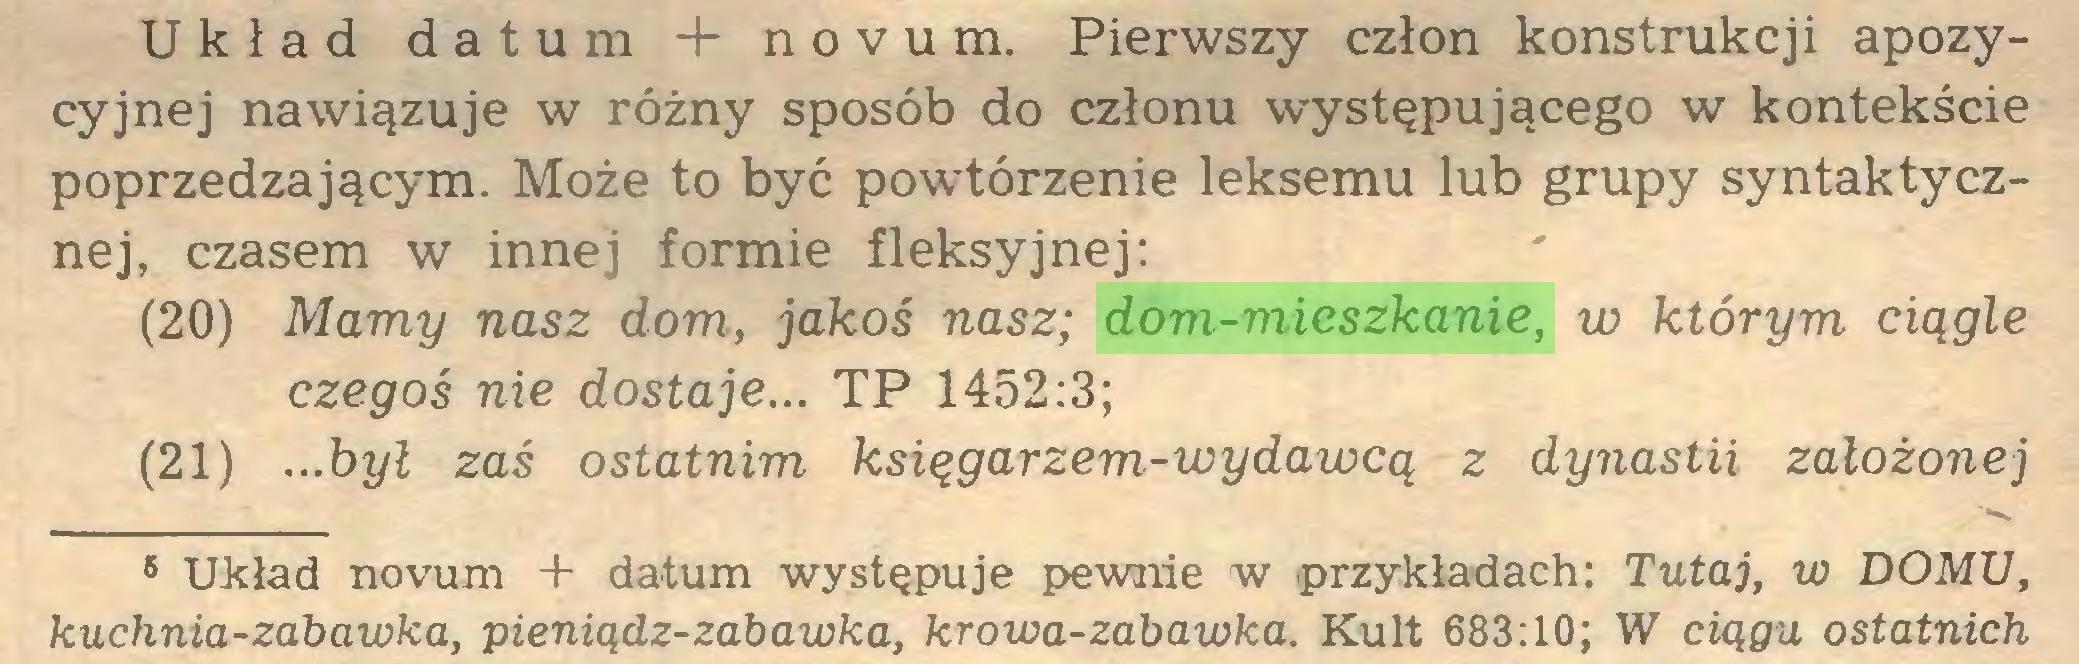 (...) Układ datum 4- novum. Pierwszy człon konstrukcji apozycyjnej nawiązuje w różny sposób do członu występującego w kontekście poprzedzającym. Może to być powtórzenie leksemu lub grupy syntaktycznej, czasem w innej formie fleksyjnej: (20) Mamy nasz dom, jakoś nasz; dom-mieszkanie, vo którym ciągle czegoś nie dostaje... TP 1452:3; (21) ...był zaś ostatnim księgarzem-wydawcą z dynastii założonej 6 Układ novum + datum występuje pewnie w przykładach: Tutaj, w DOMU, kuchnia-zabawka, pieniądz-zabawka, krowa-zabawka. Kult 683:10; W ciągu ostatnich...